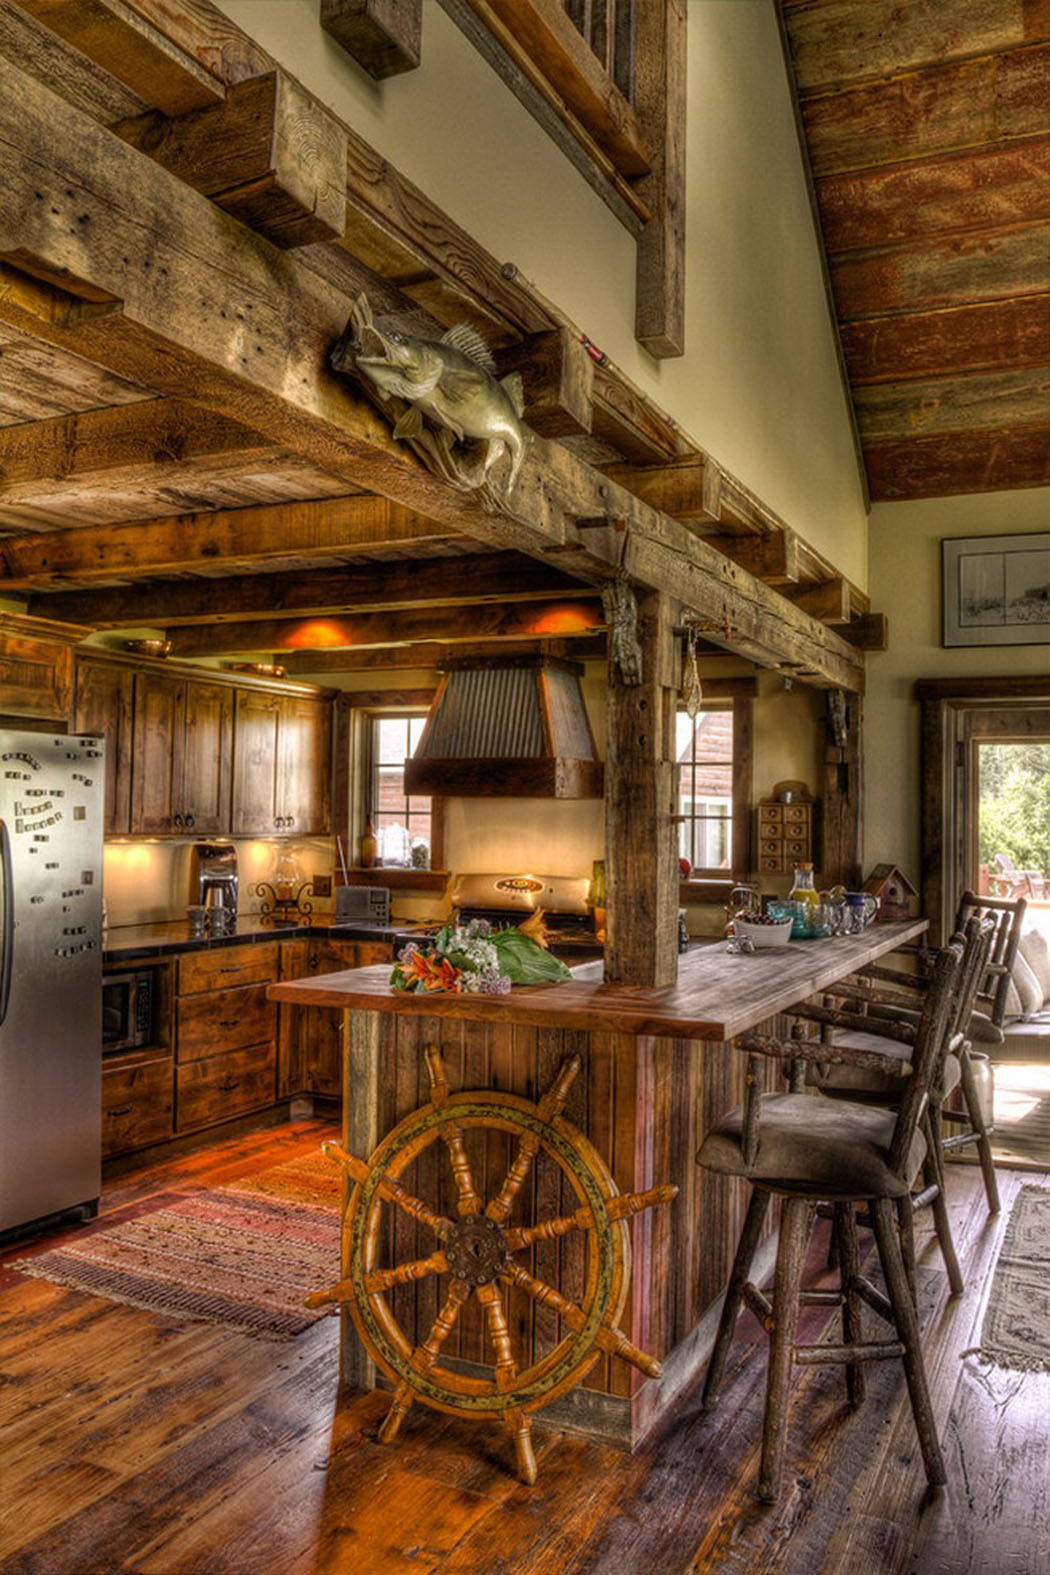 Vacances bucoliques avec cette maison de vacances rustique for Cuisine ouverte villa